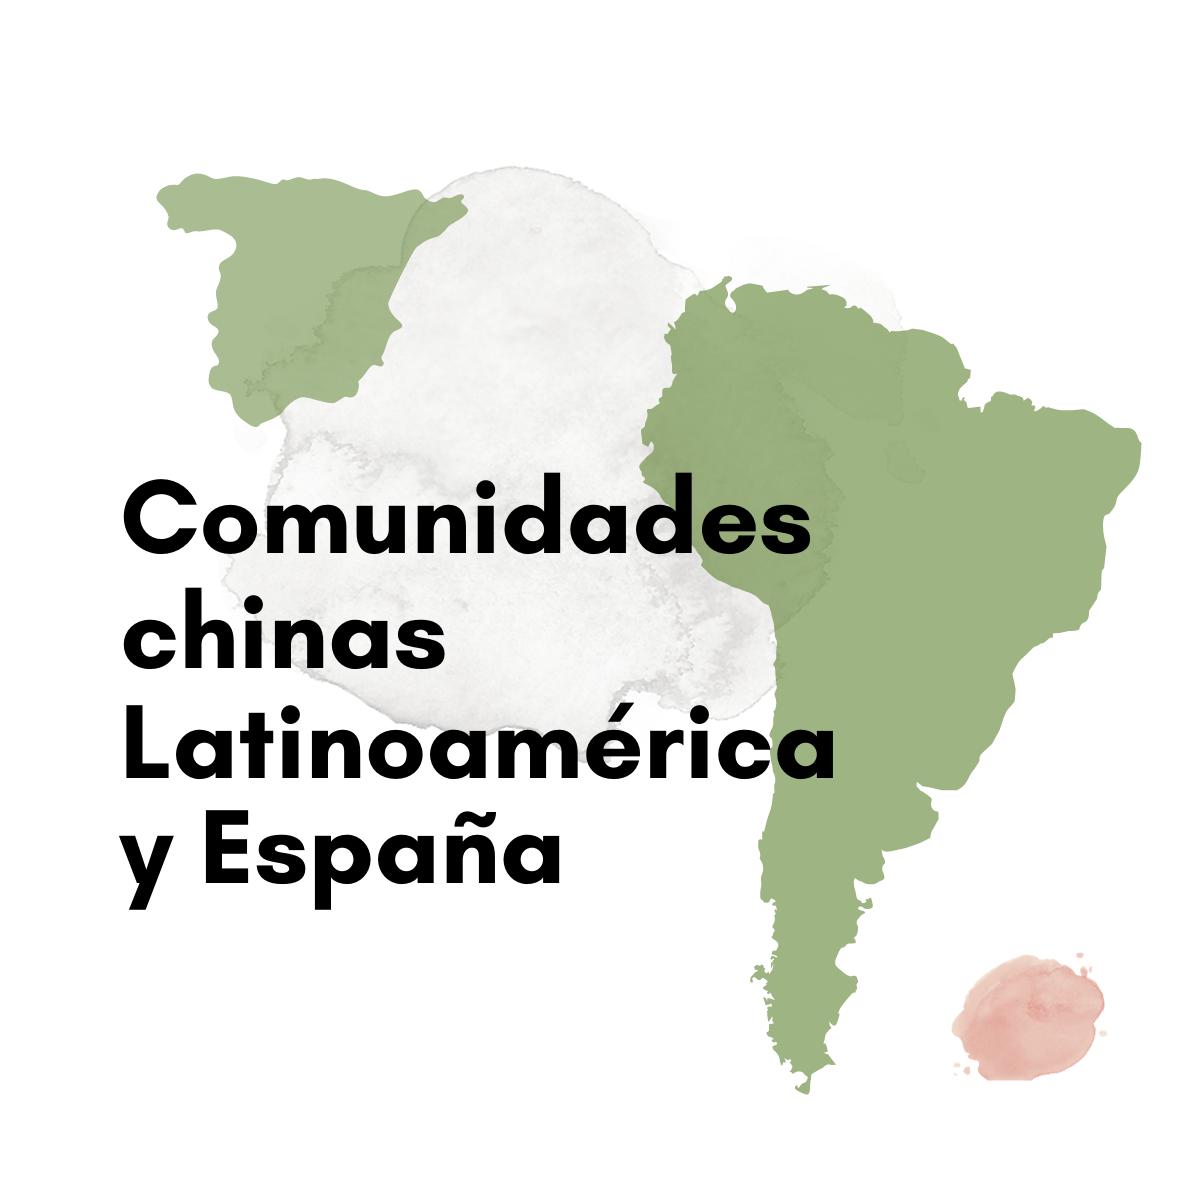 Comunidades chinas de Latinoamerica y Espana